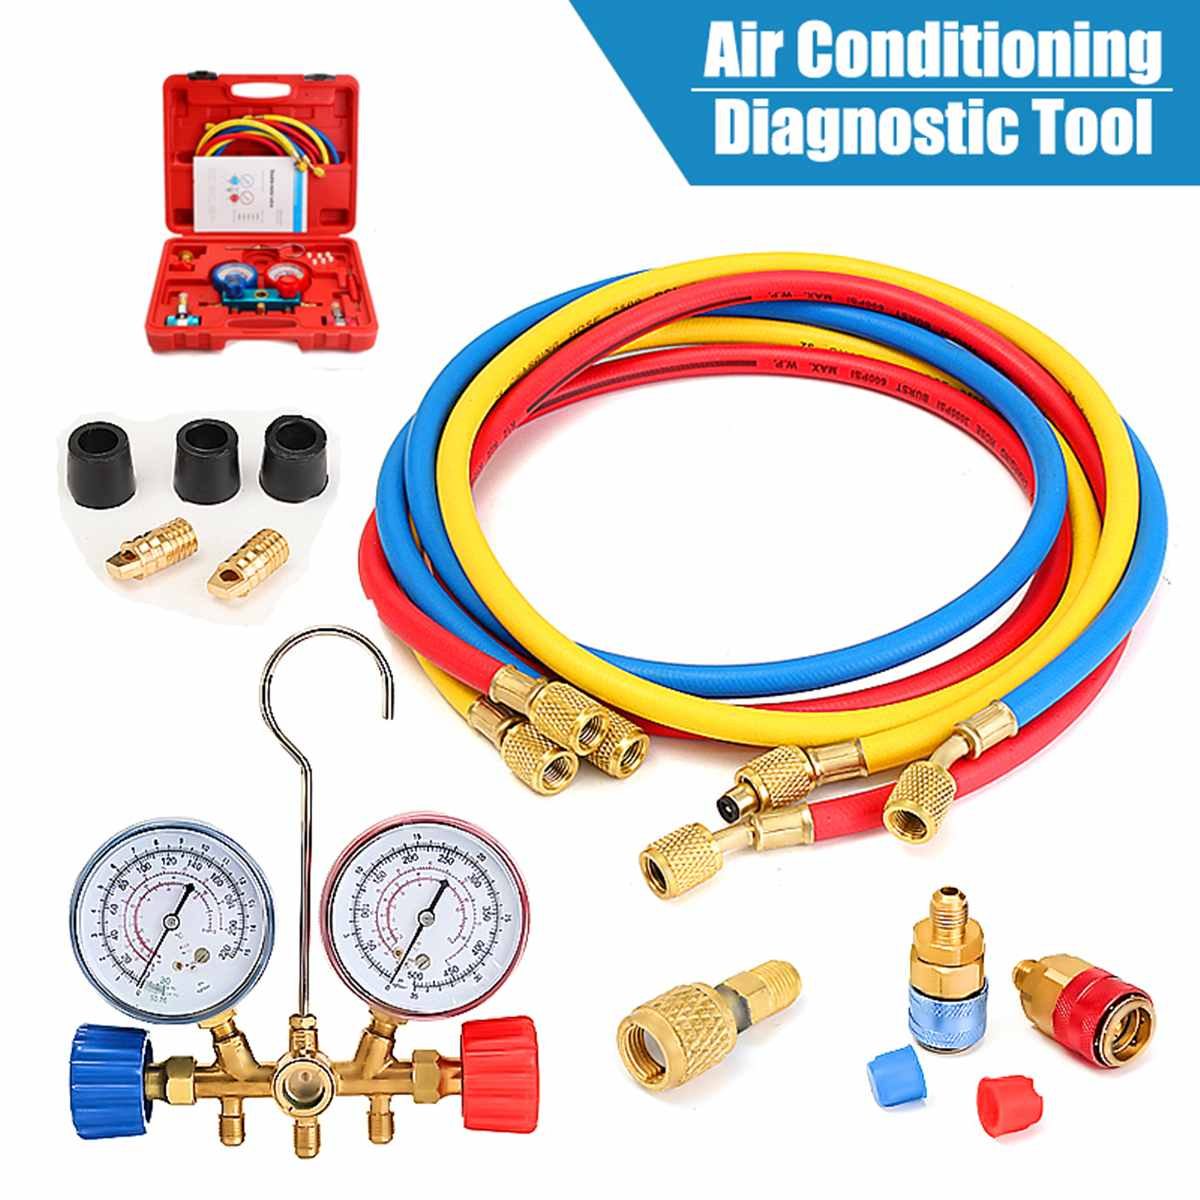 HVAC do carro A/C Kit De Refrigeração Manifold Calibre Definido para R22 R12 R134A Auto Refrigerante H/L Rápida acoplador Manifold Calibre Tool Set